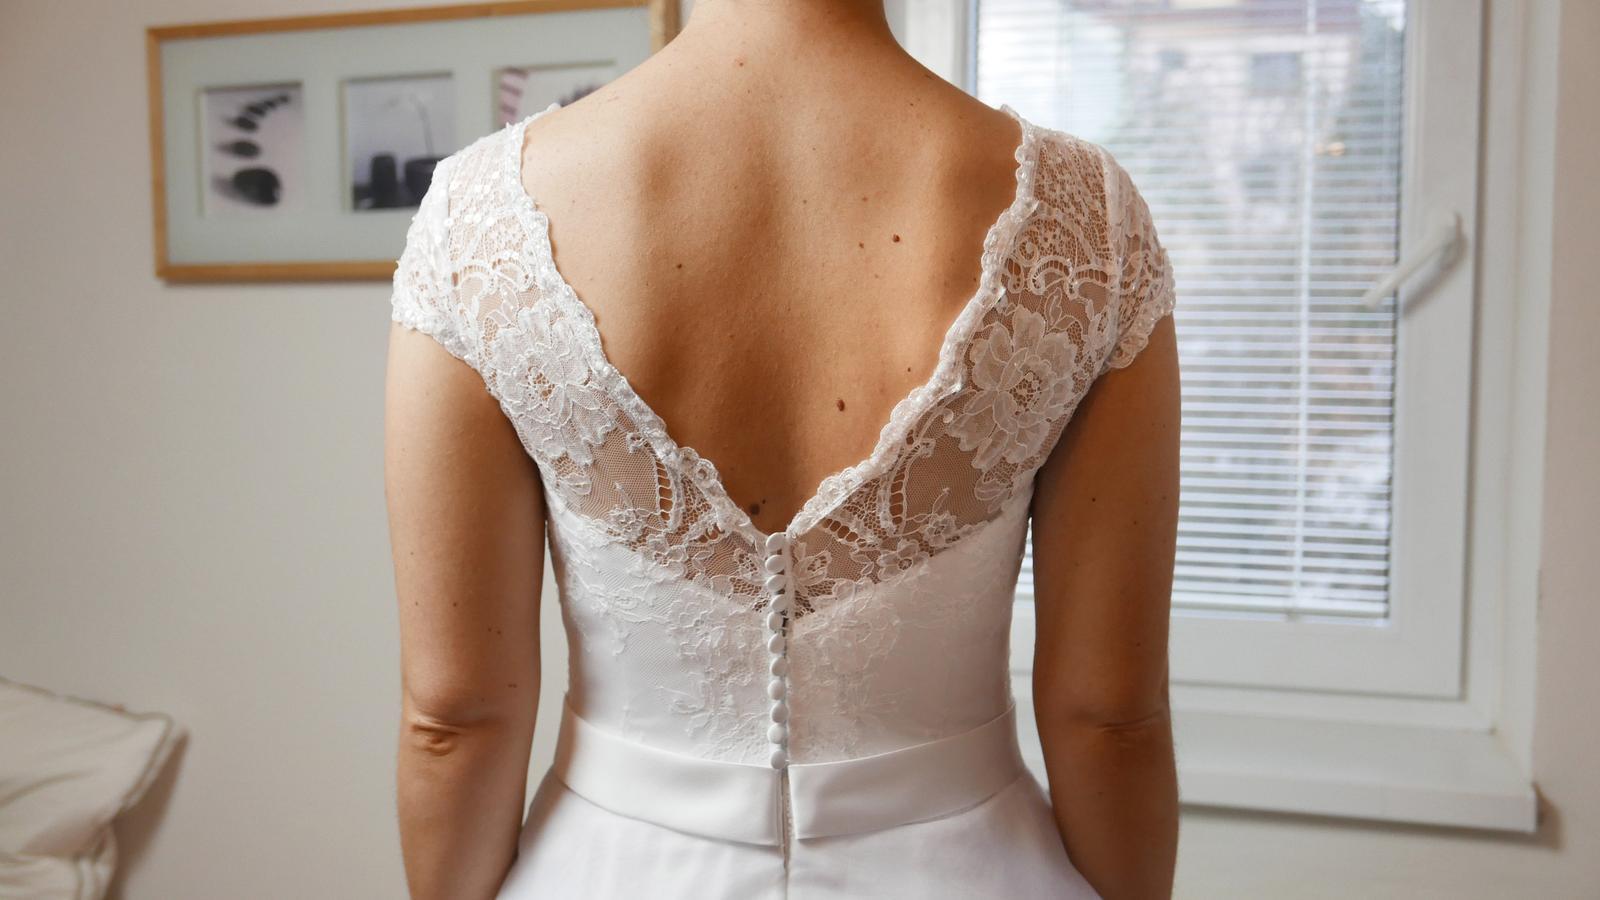 Další krásné svatební šaty na prodej, tak neváhejte a přijďte si vybrat ty své  :-) - Obrázek č. 6